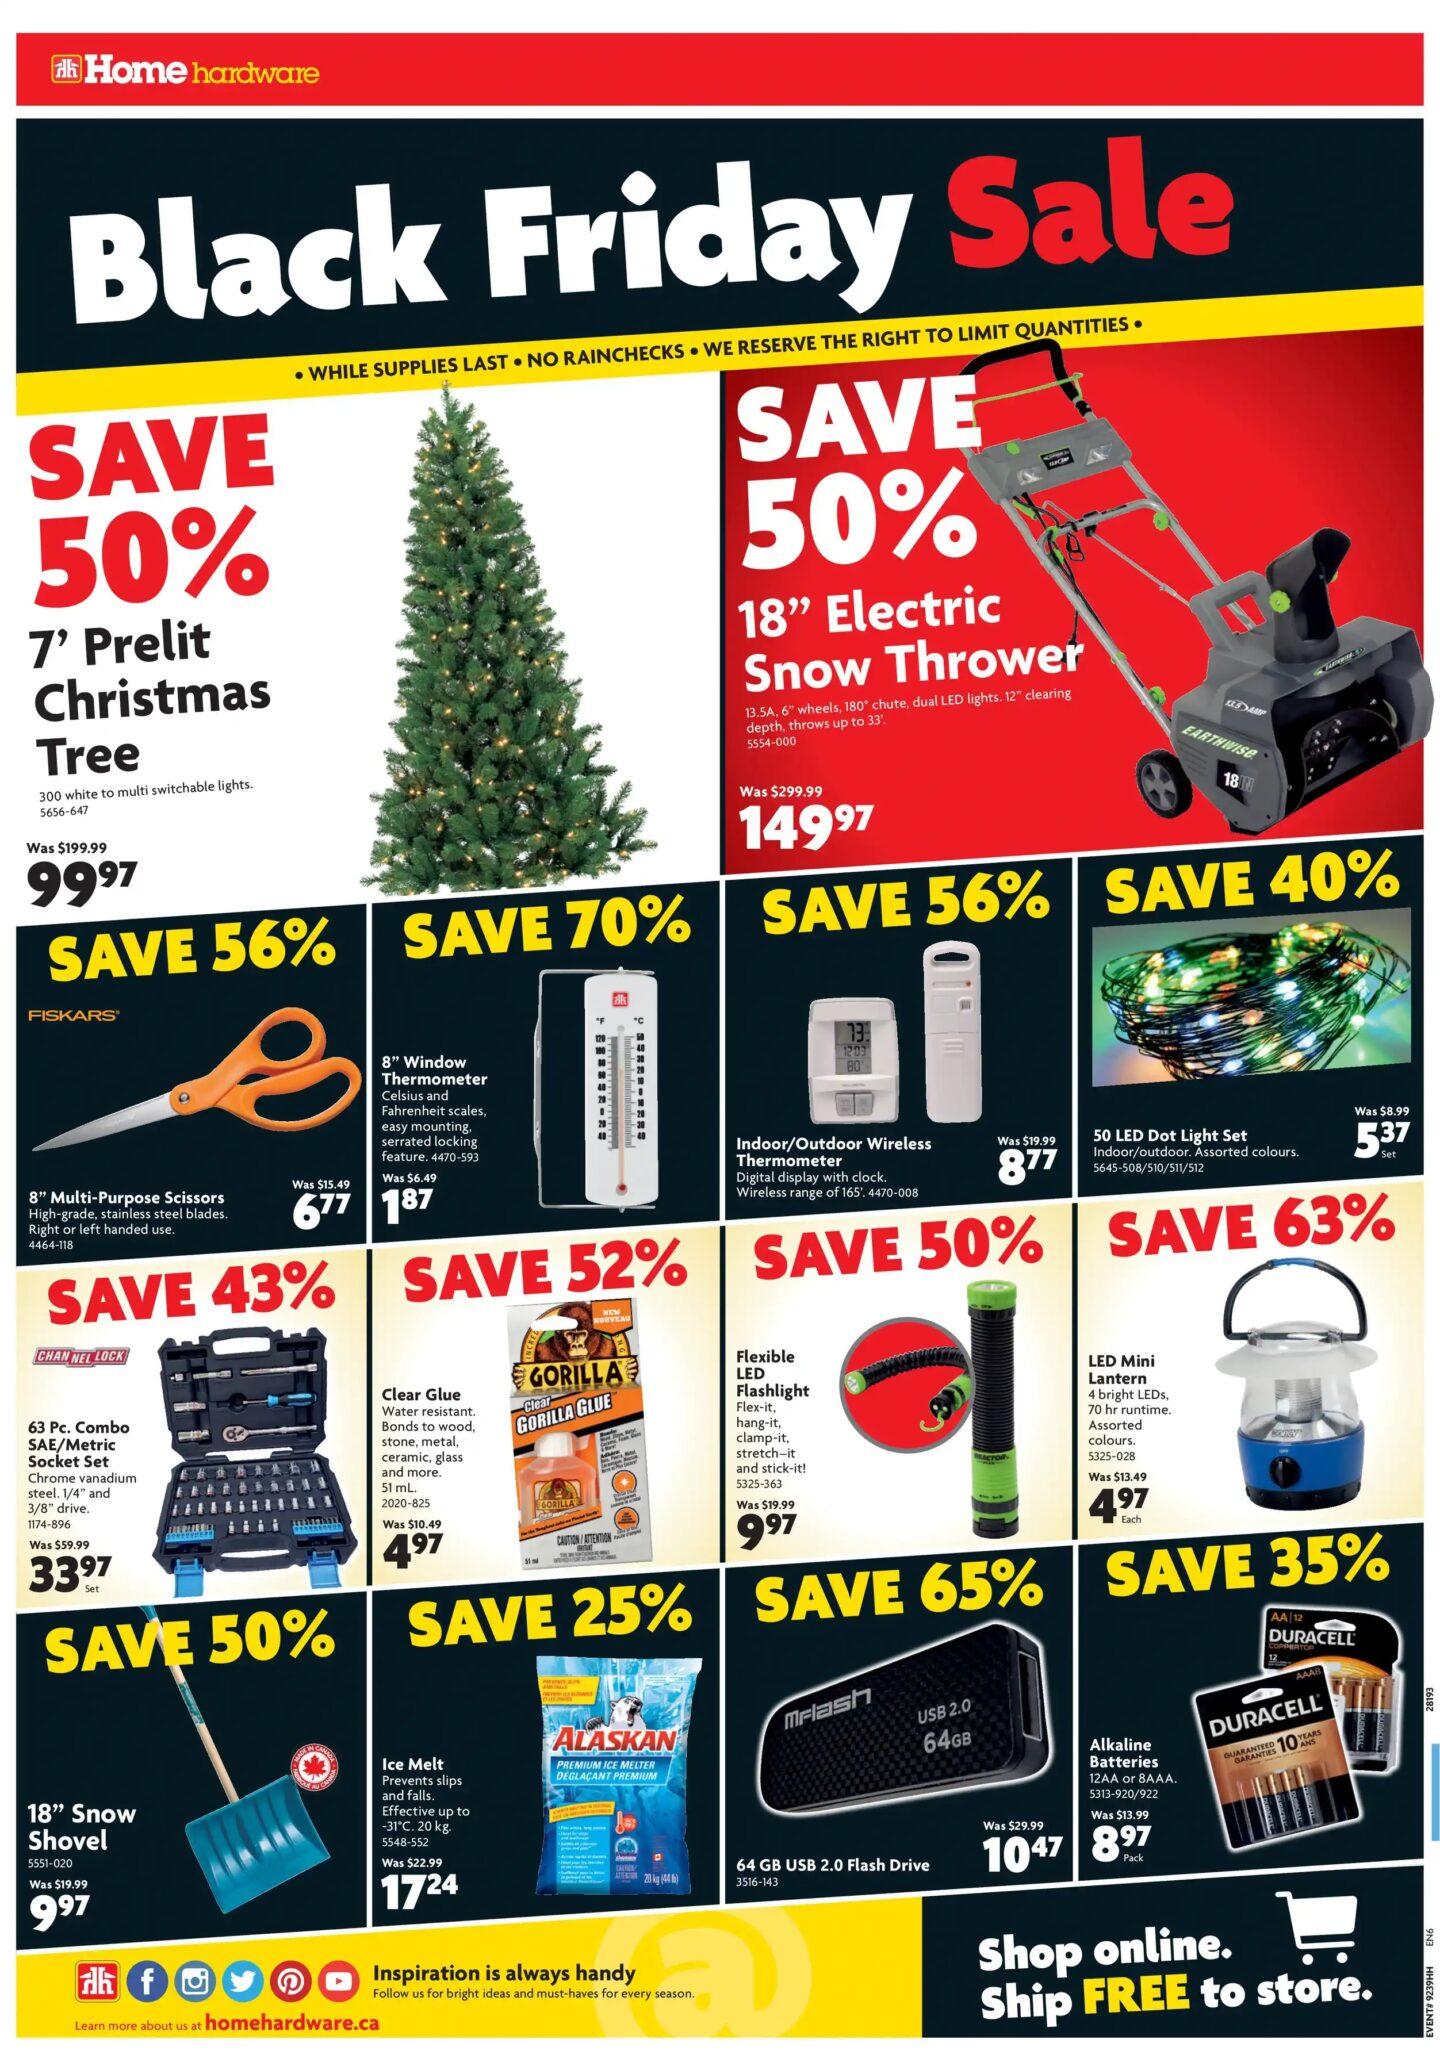 Home Hardware Black Friday Sale Flyer 2019